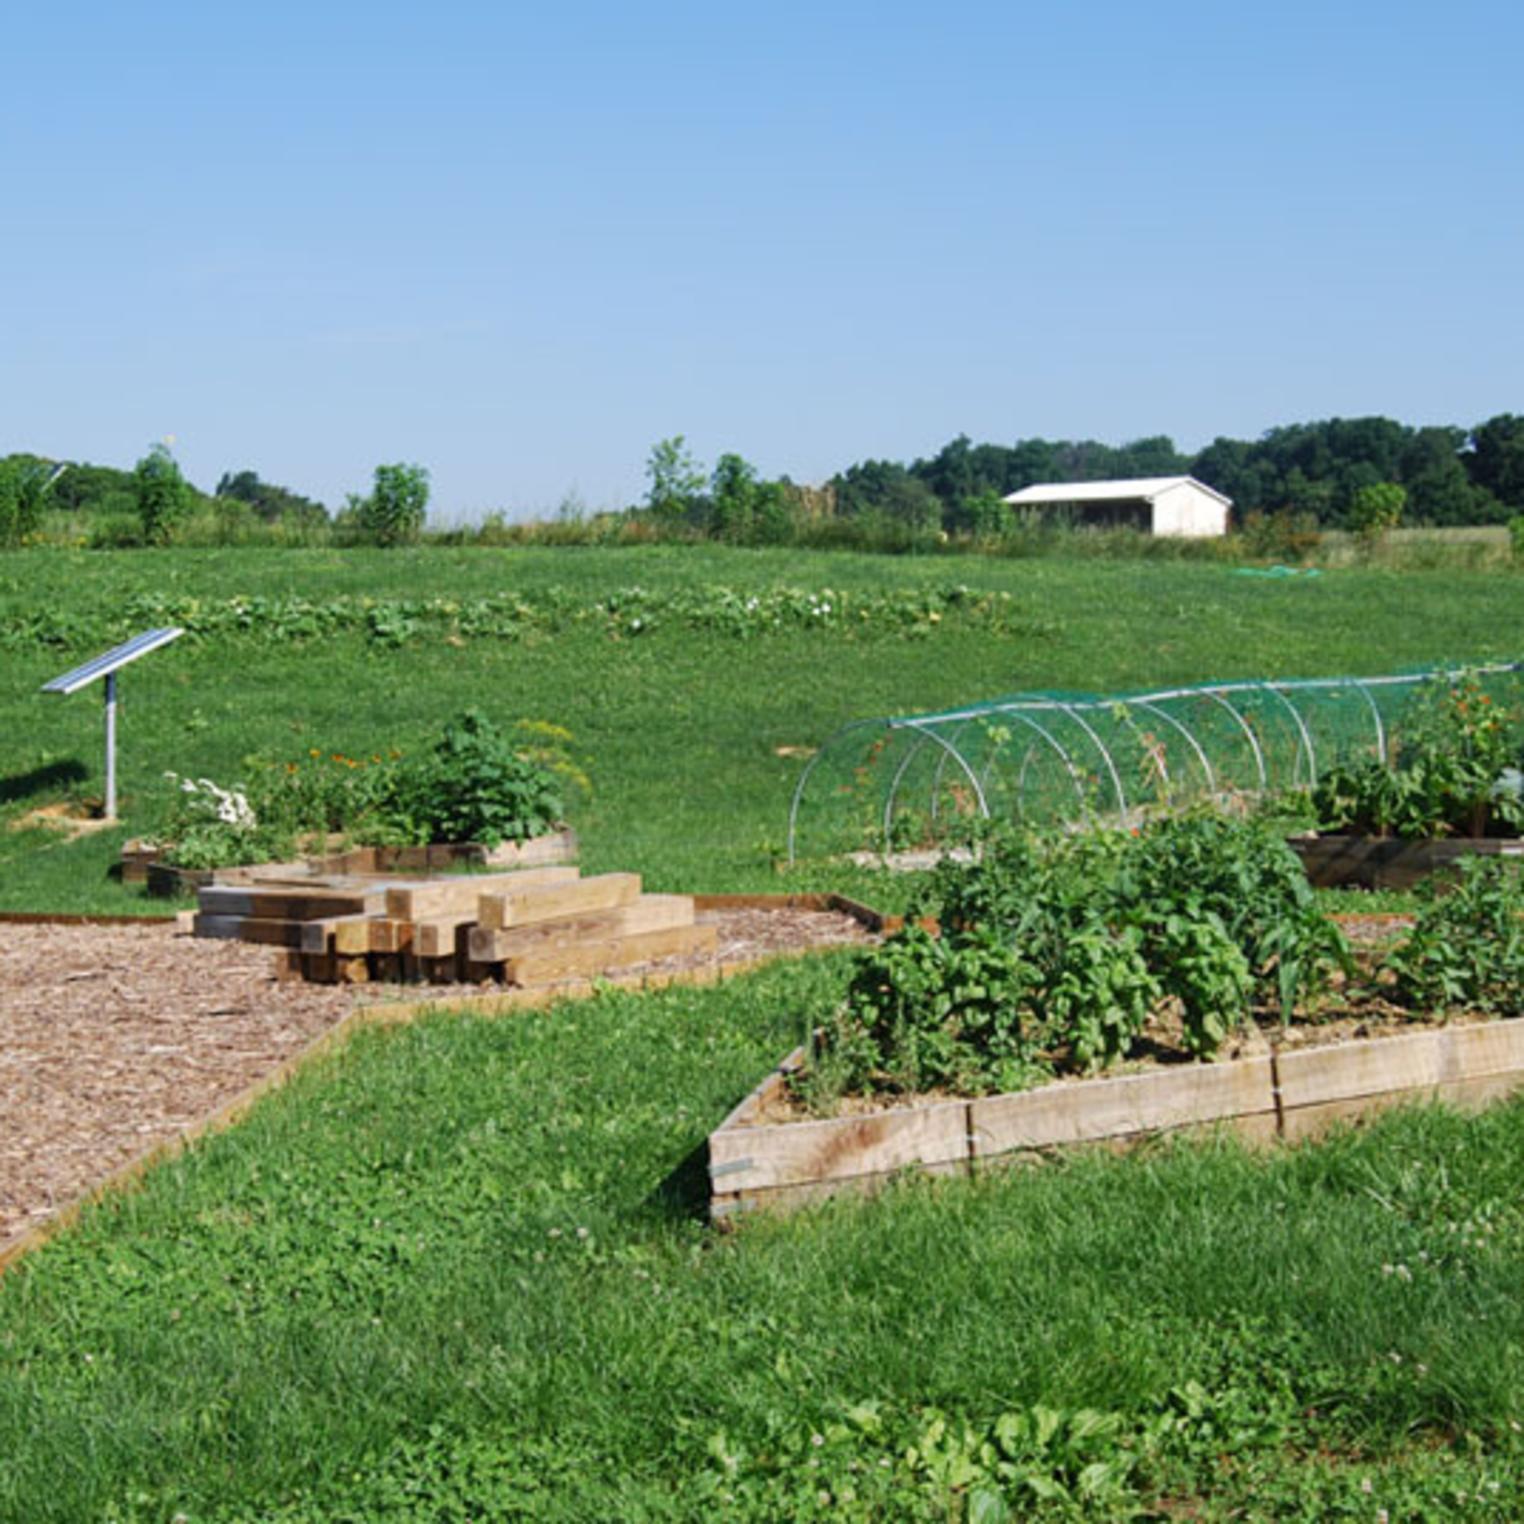 Dickinson College Farm Garden